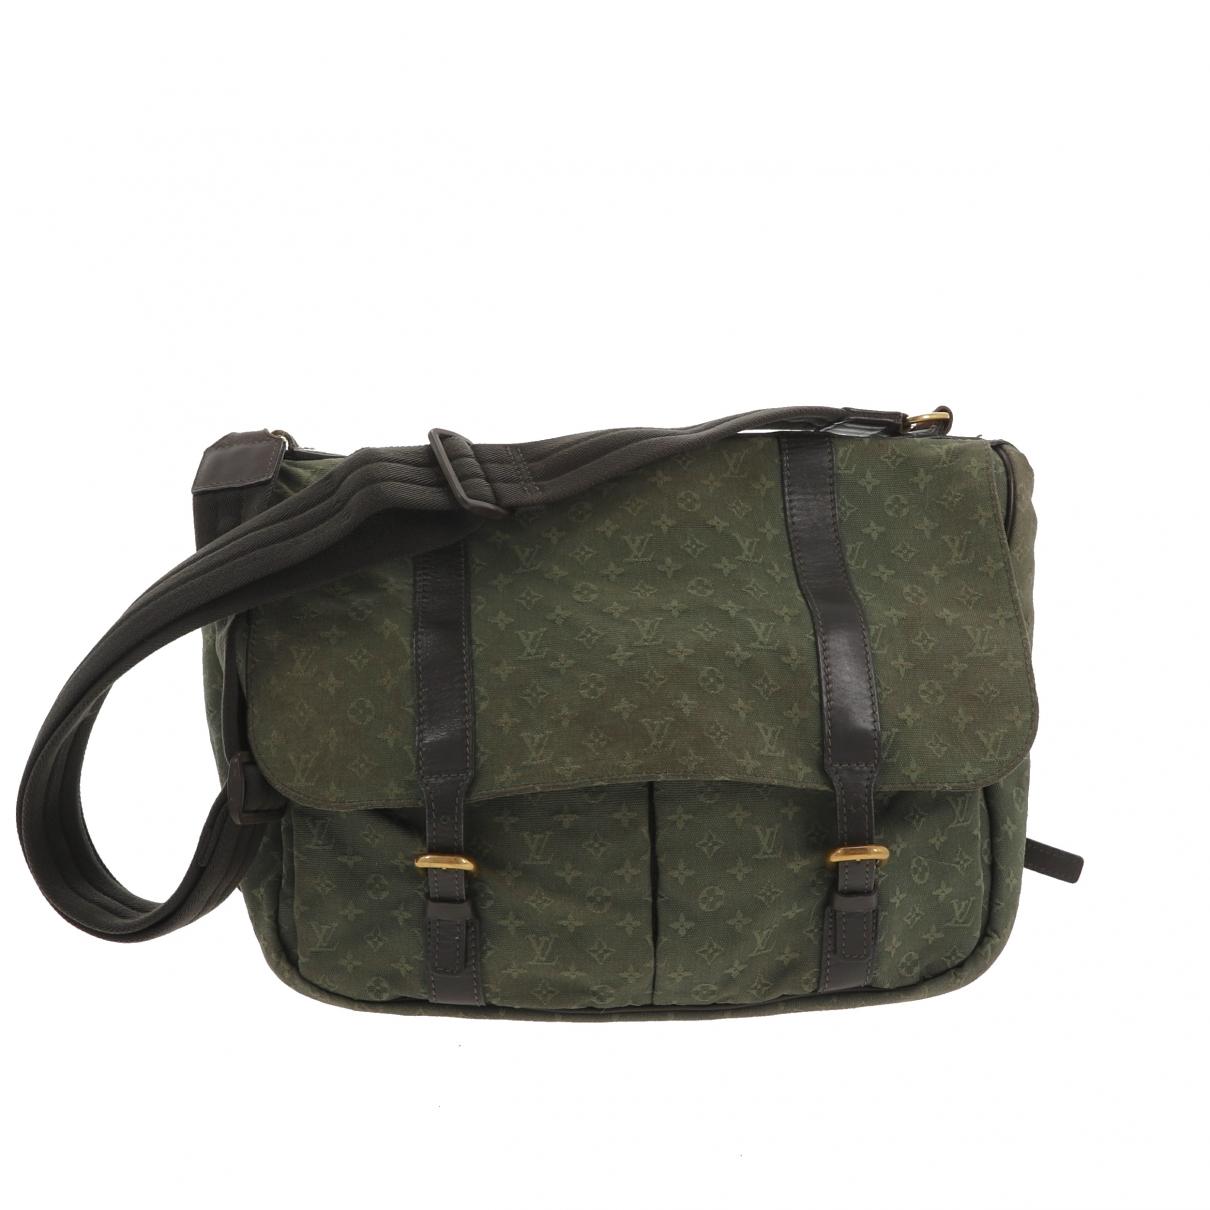 Louis Vuitton \N Khaki Cloth handbag for Women \N